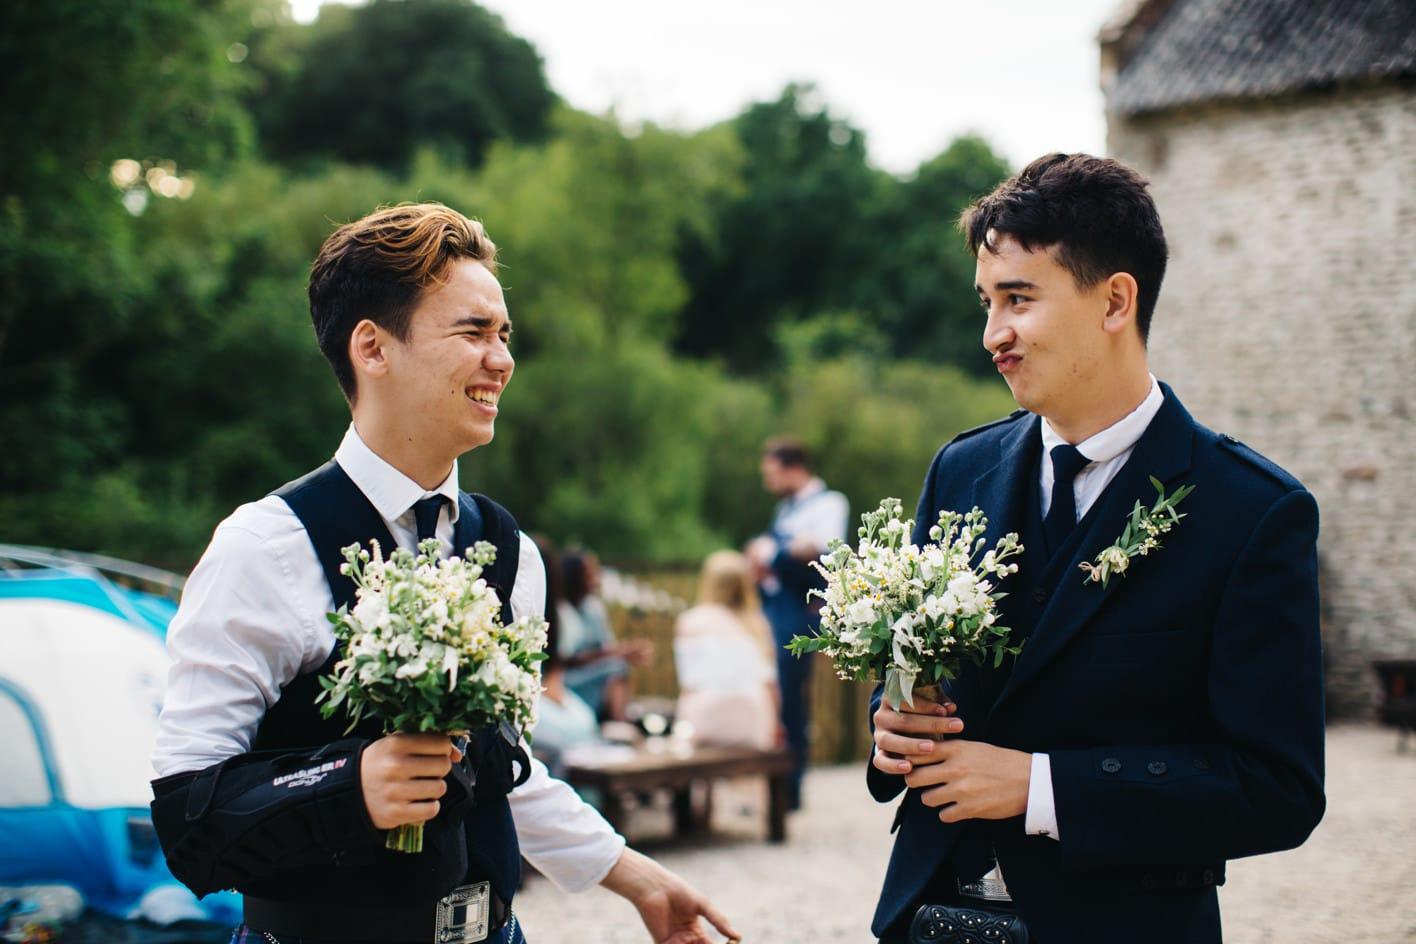 ushers holding bouquet